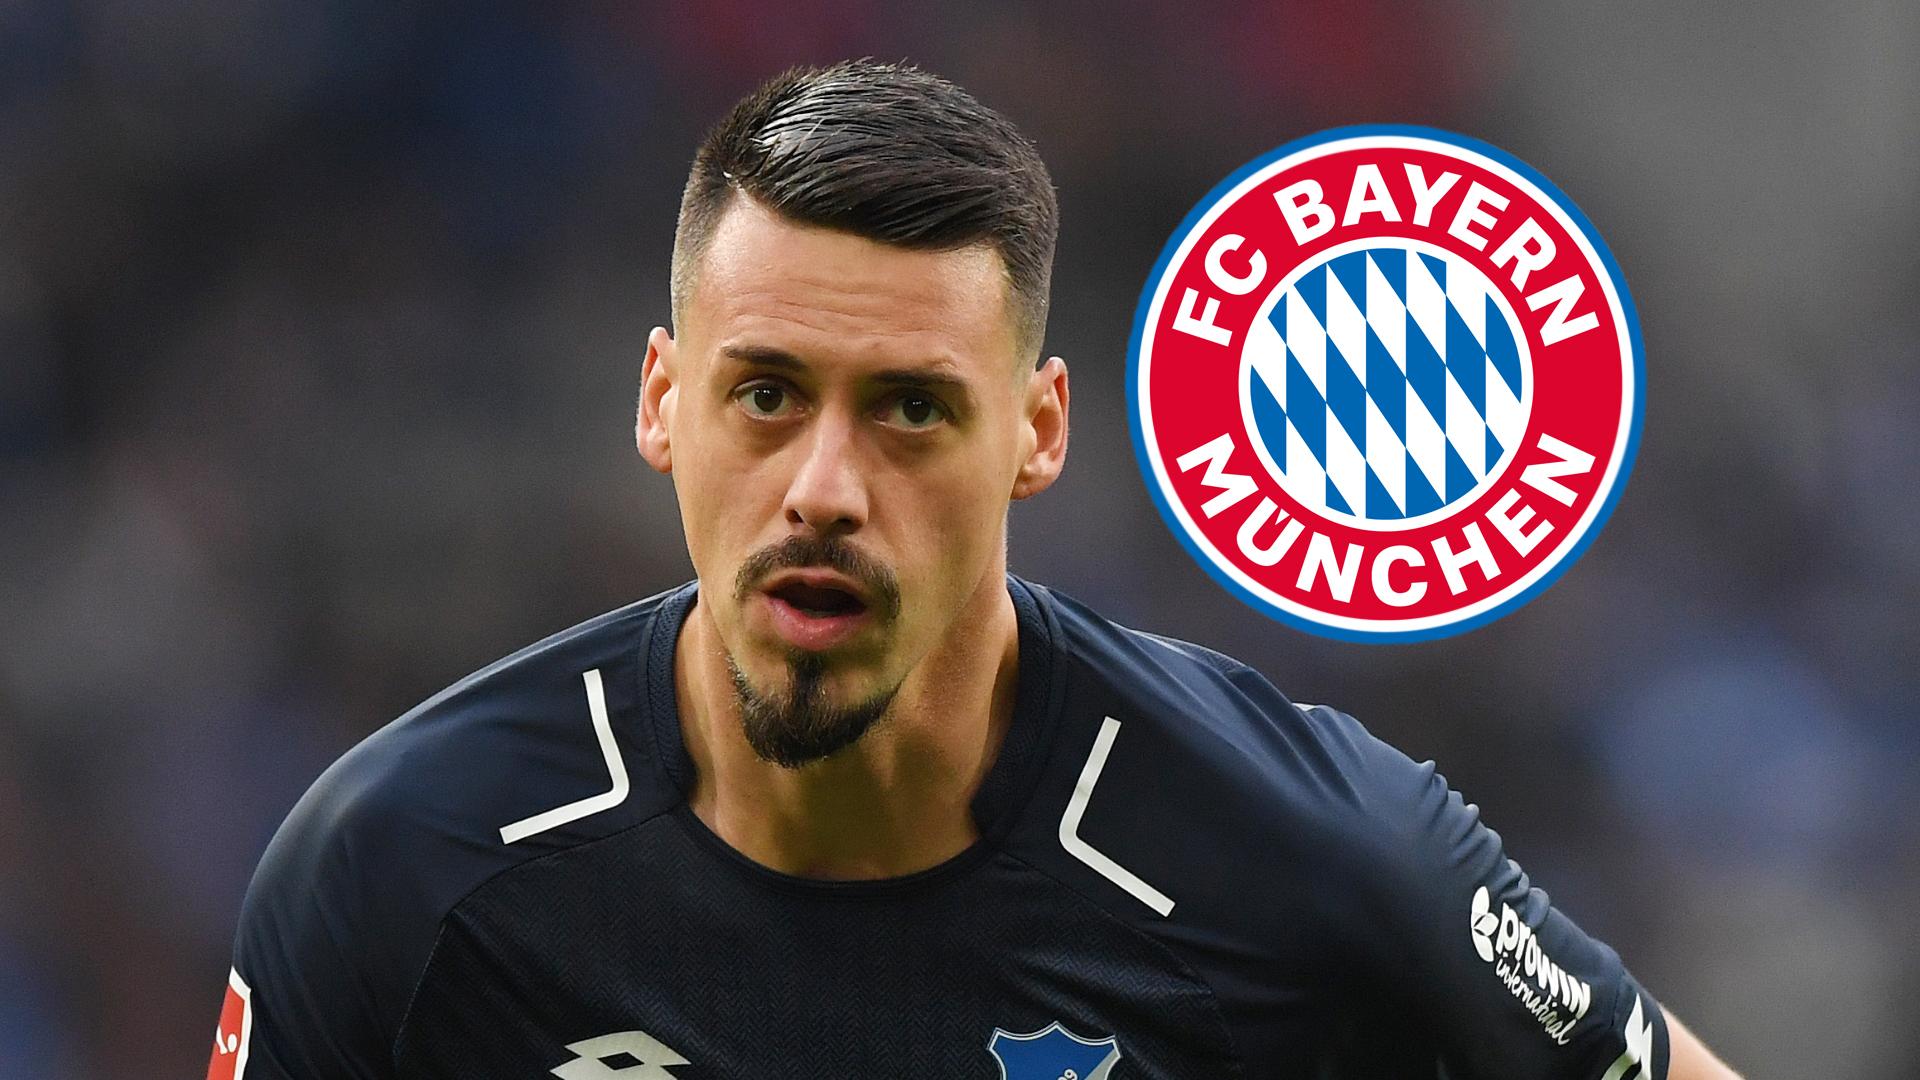 Bayern contrata experiente atacante da seleção da Alemanha